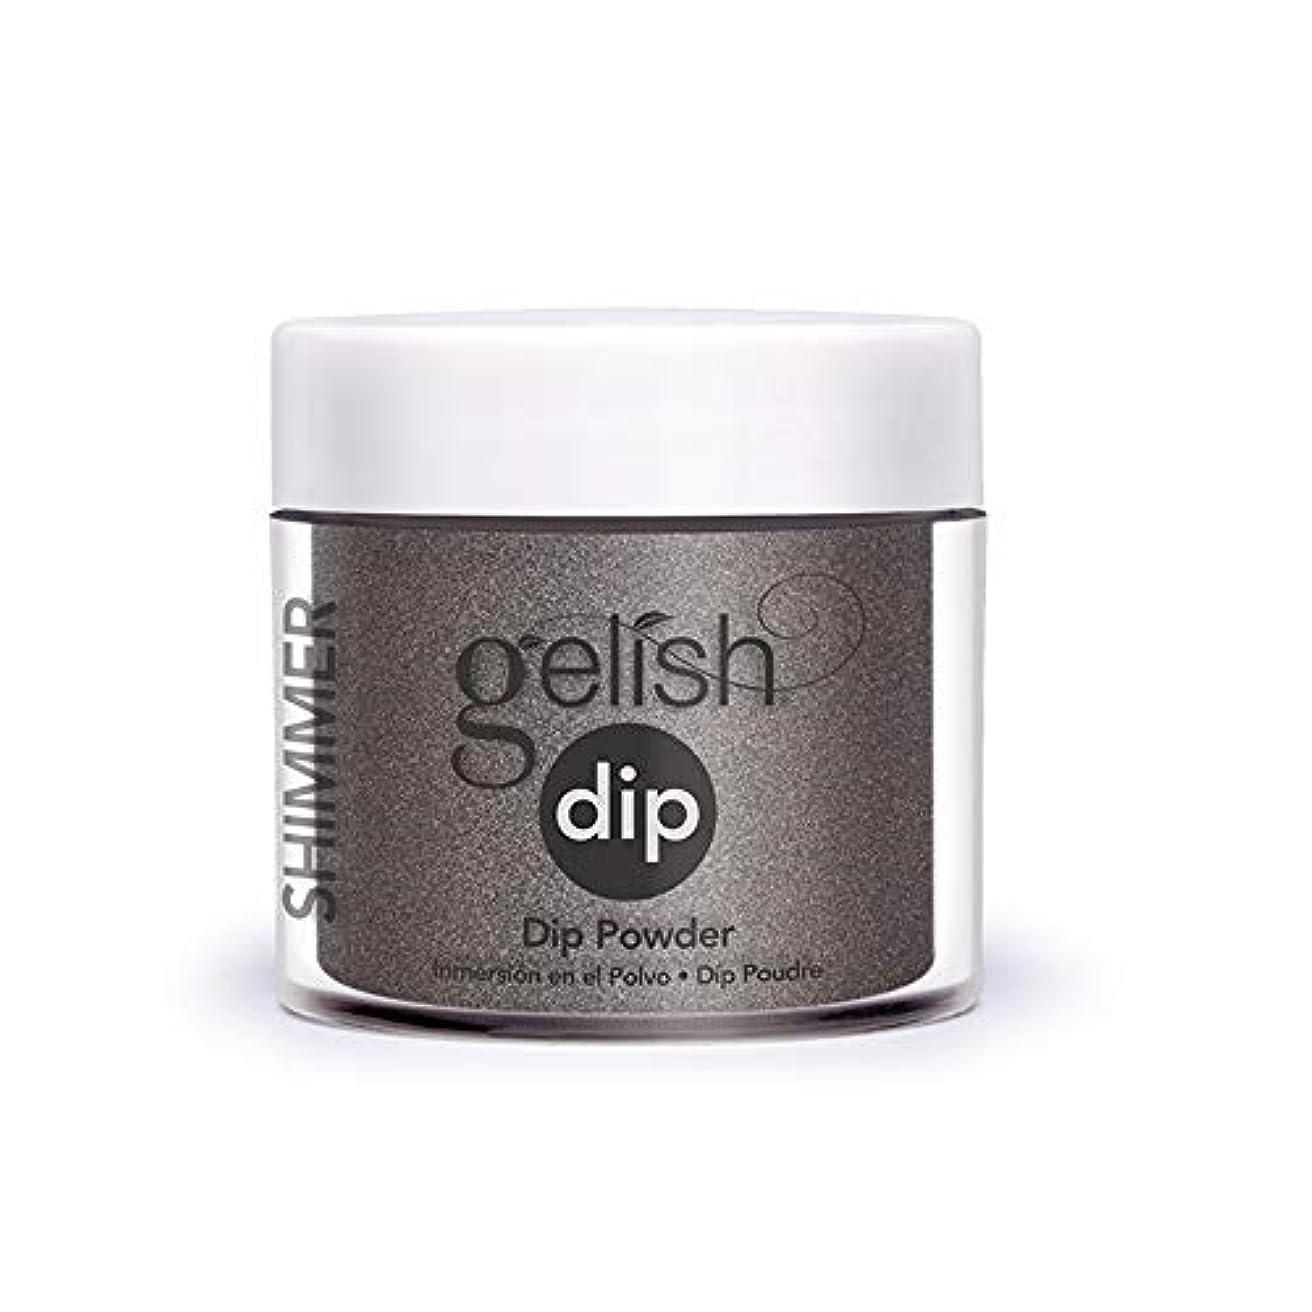 自由一元化する床を掃除するHarmony Gelish - Acrylic Dip Powder - Chain Reaction - 23g / 0.8oz